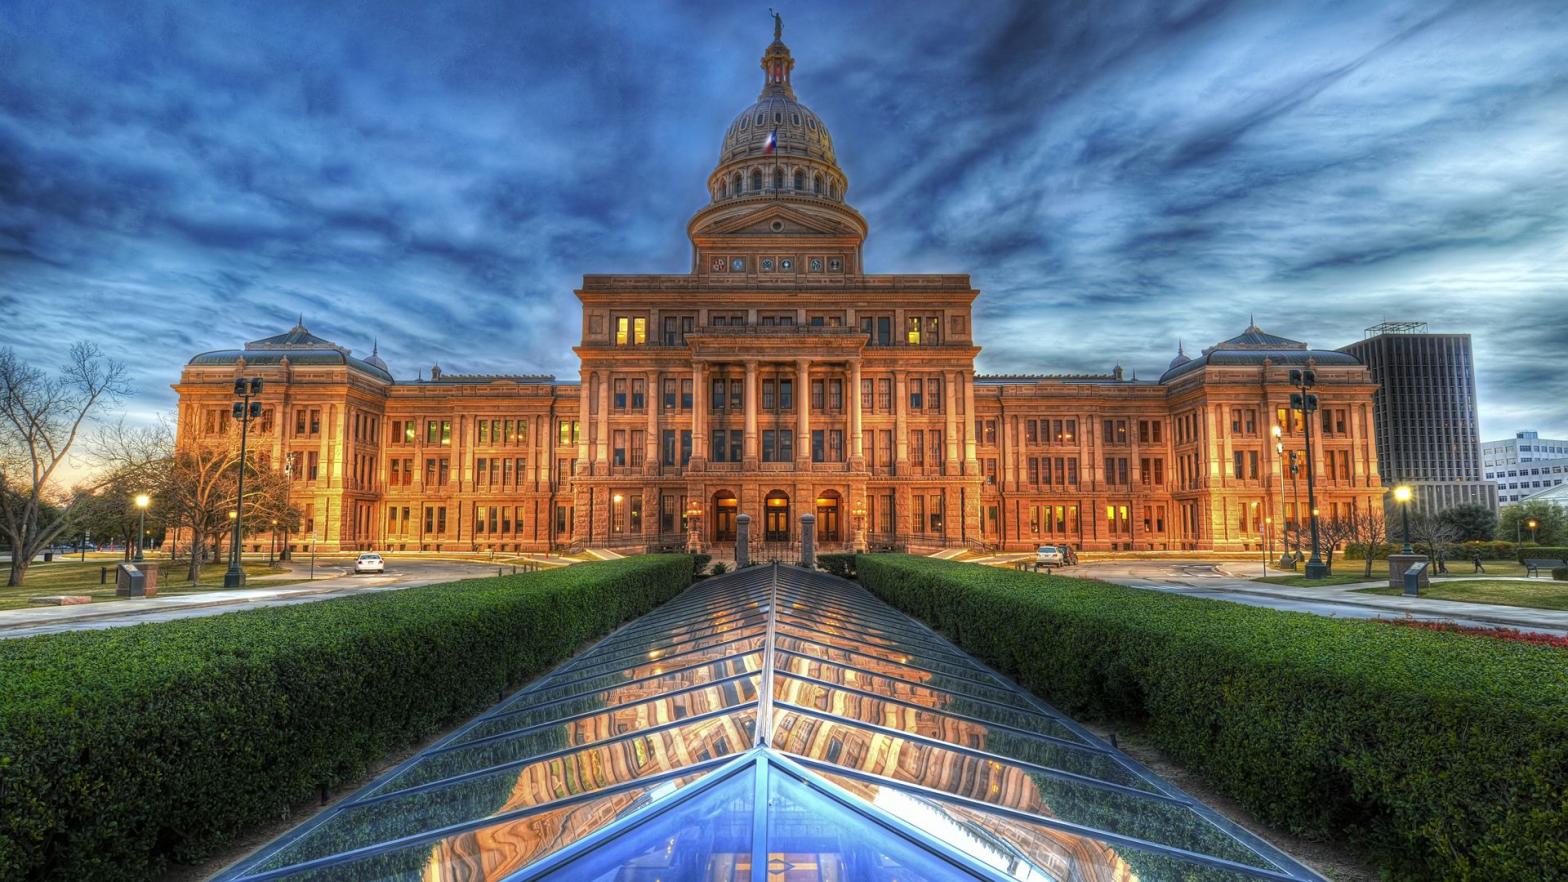 Texas wil anonieme cryptocurrency exchange verbieden